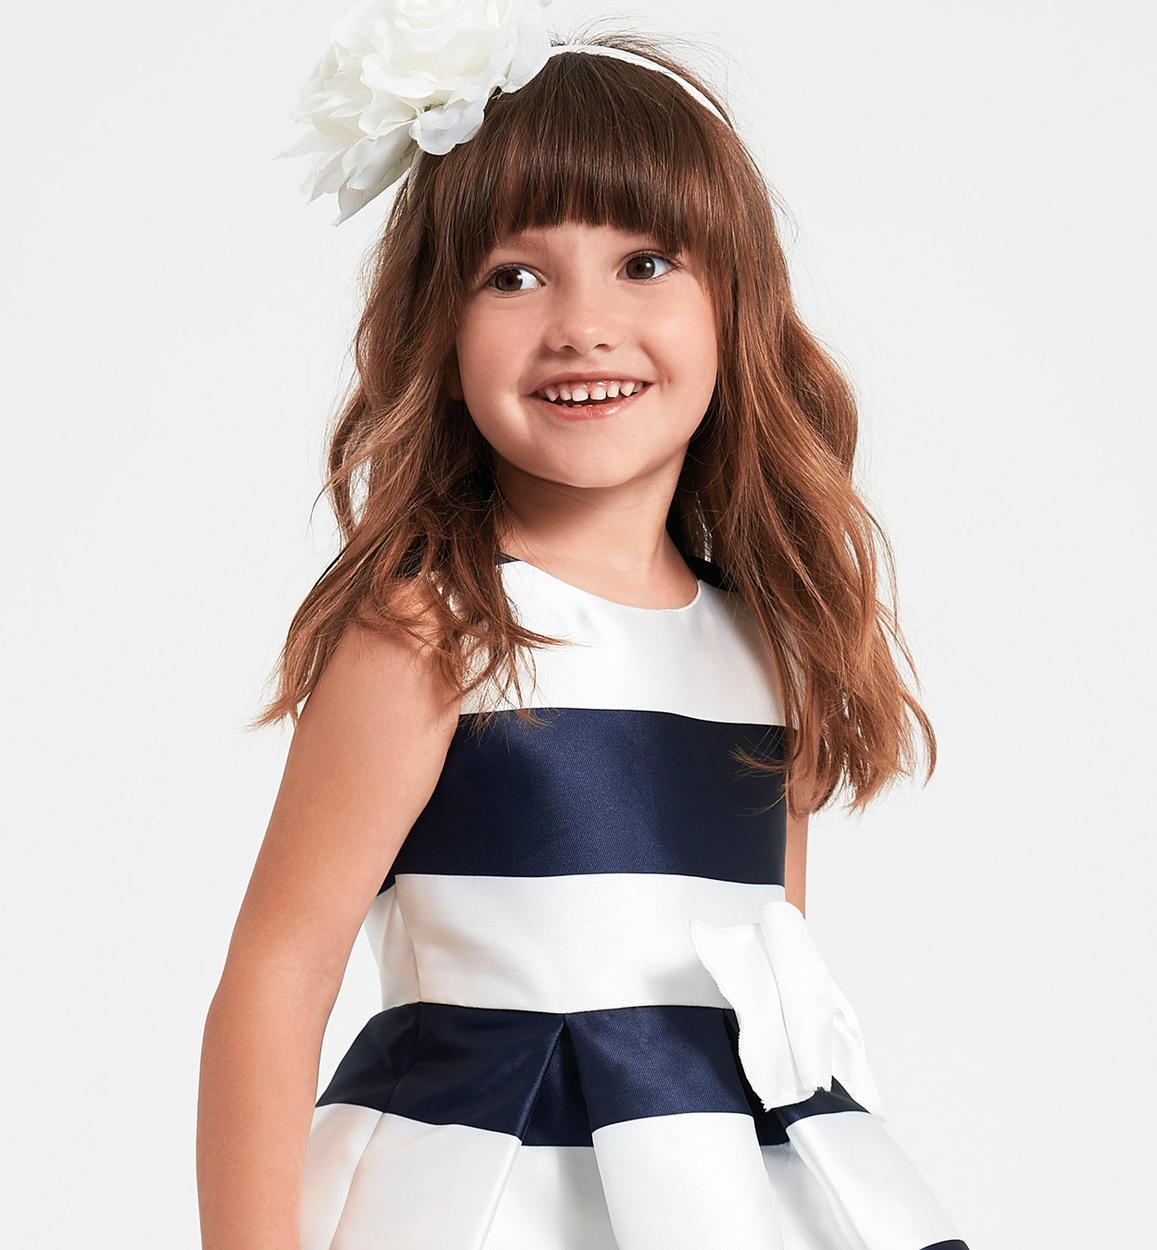 Abiti Eleganti Bambina 7 Anni.Raffinato Ed Elegante Abito Con Fiocco Per Bambina Da 6 Mesi A 7